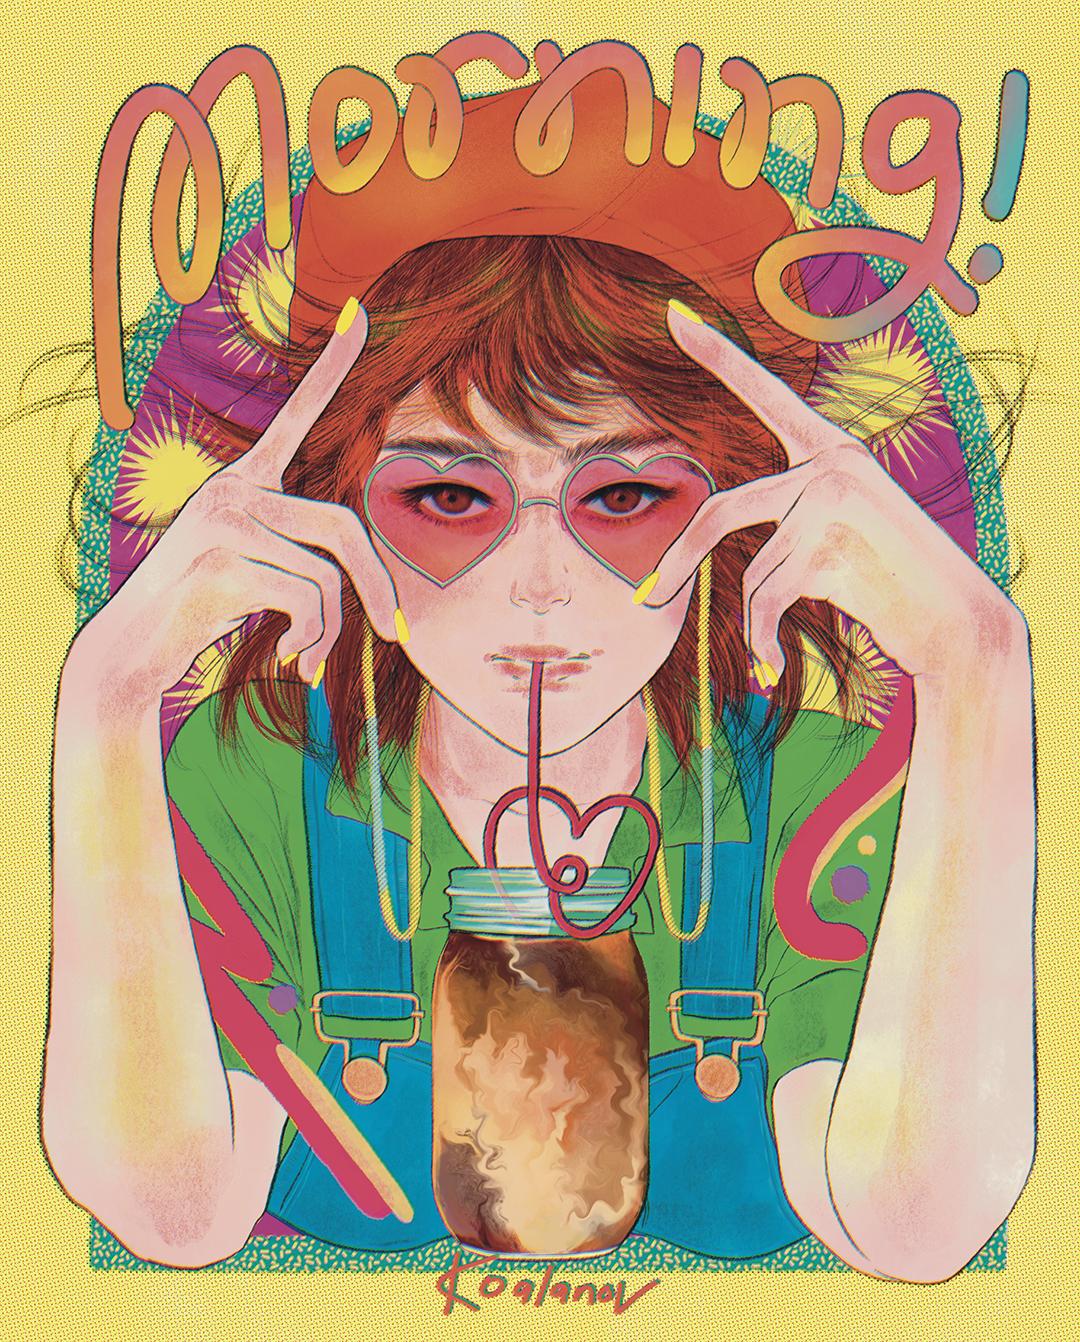 GirlsclubAsia-Illustrator-Kaho Yoshida-Good morning